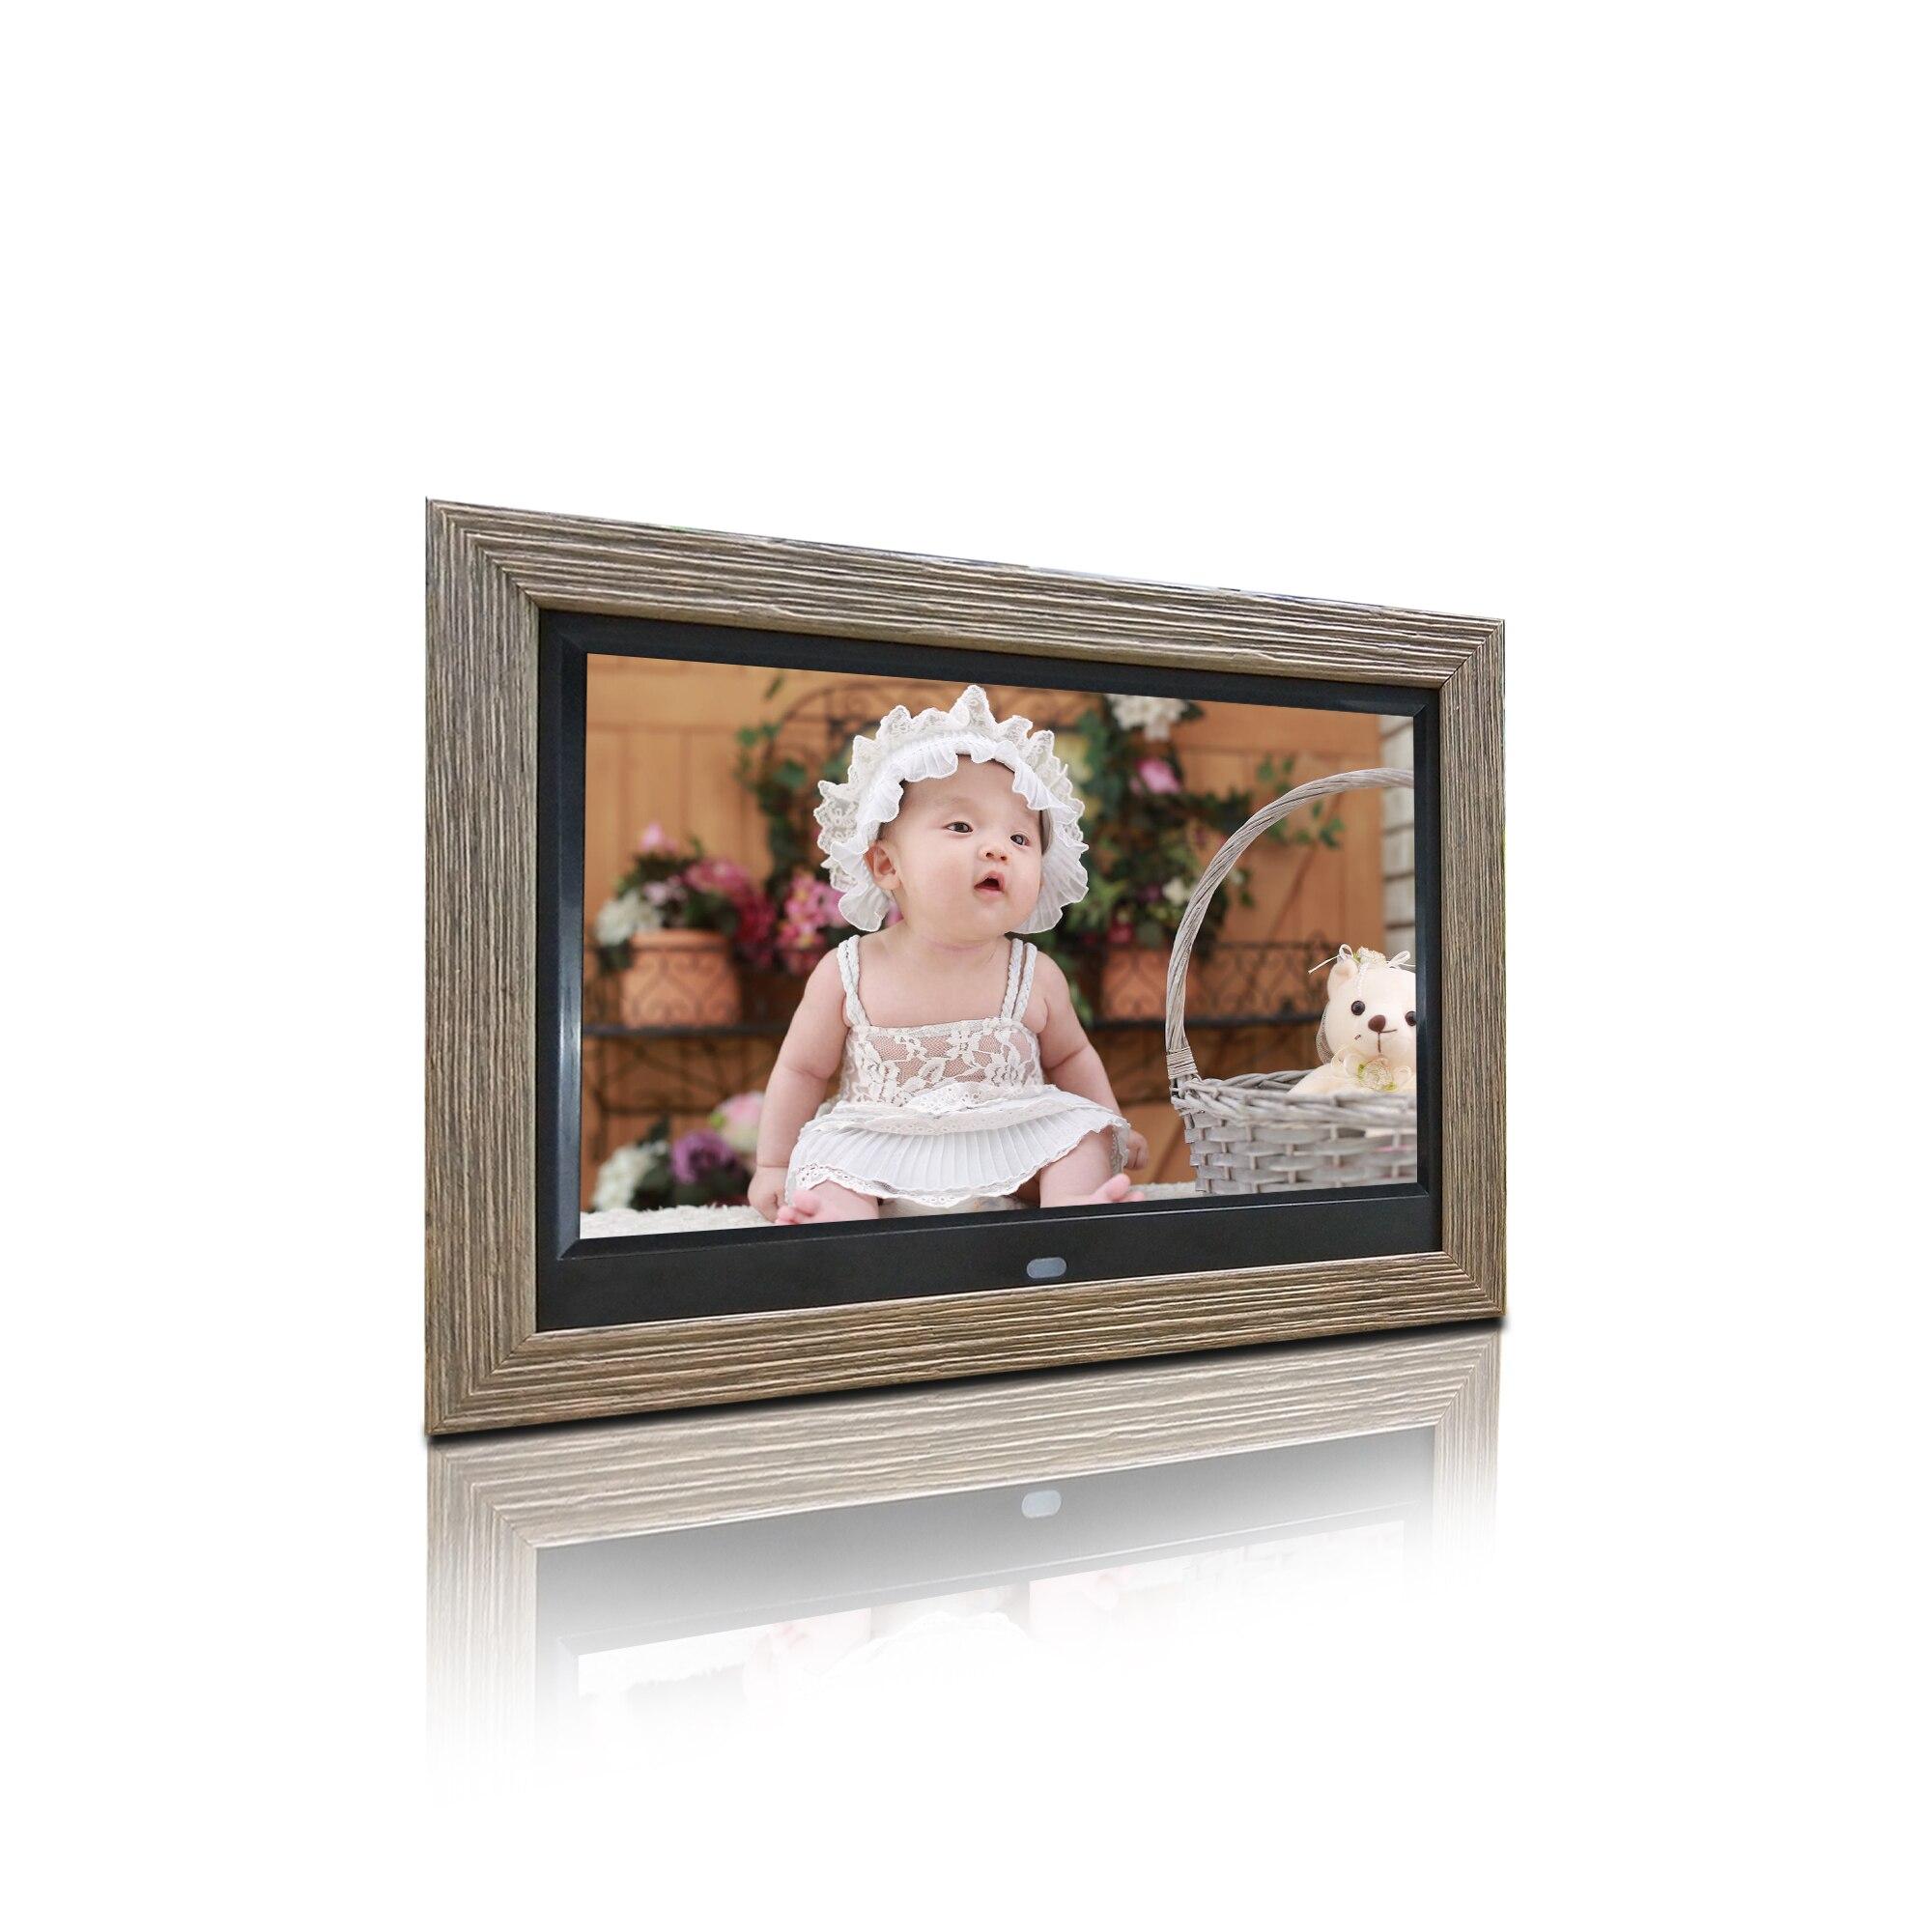 Marco de fotos digital personalizado de 10 pulgadas con marco de madera auto play picture o video IPS pantalla ver 178 grados